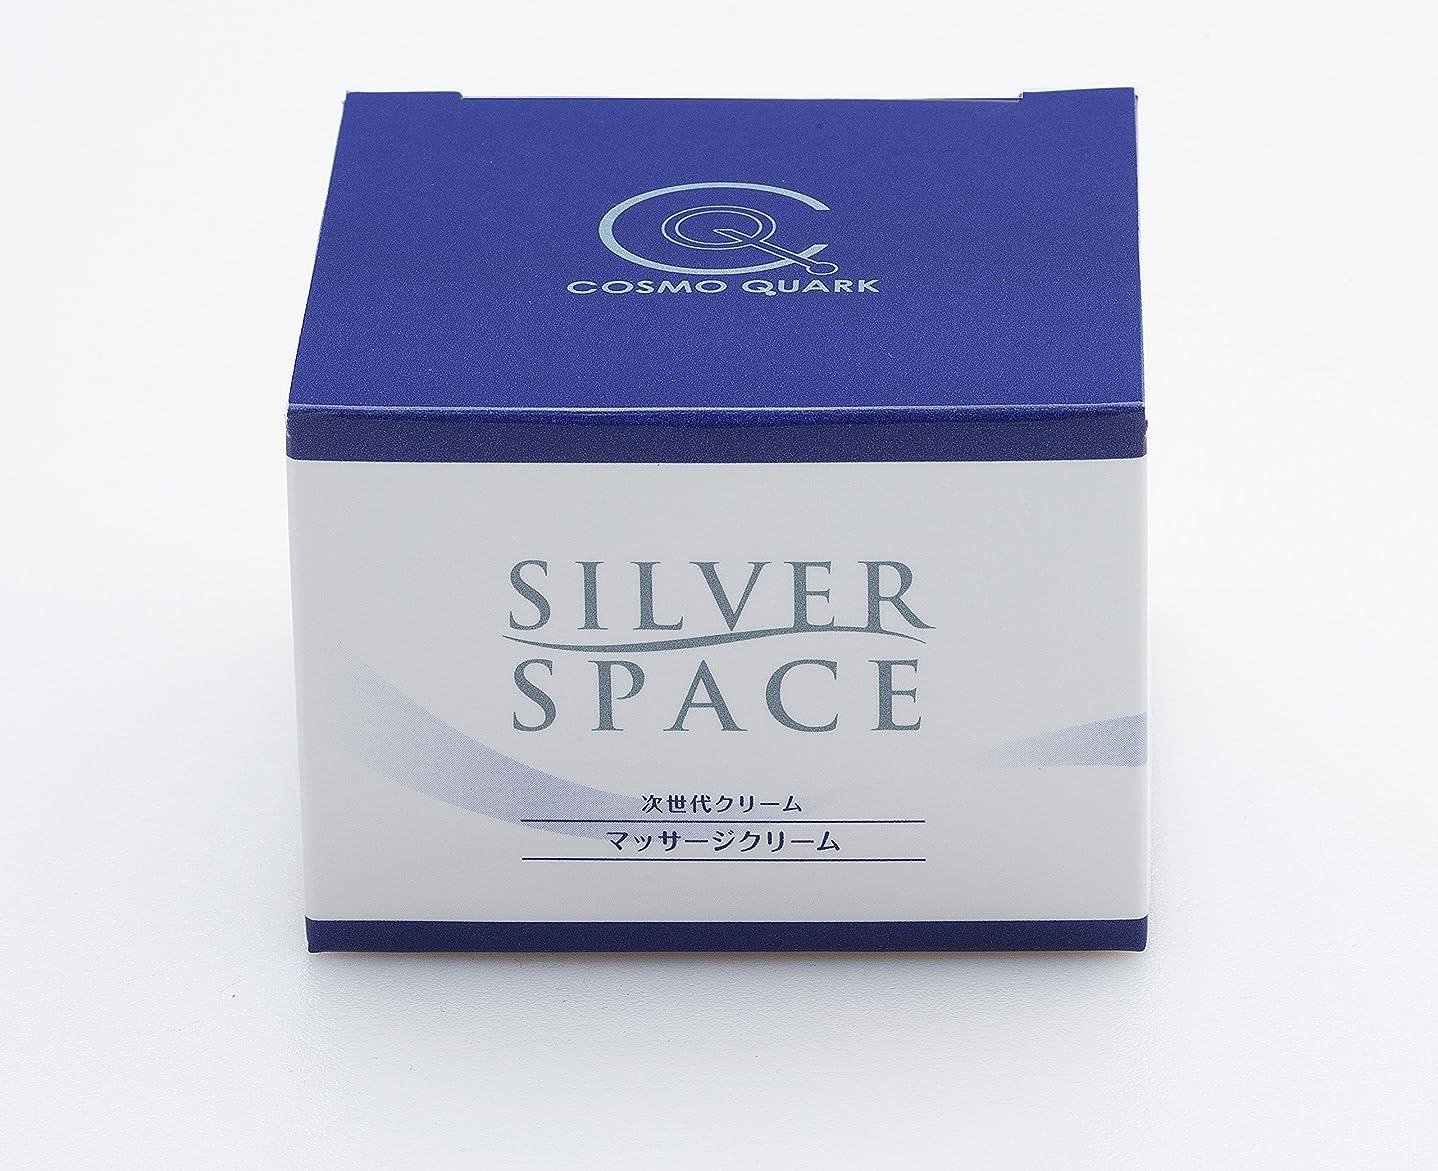 きしむ教義クレアクオンタムキュア(Quantum Cure)SILVER SPACE シルバースペース